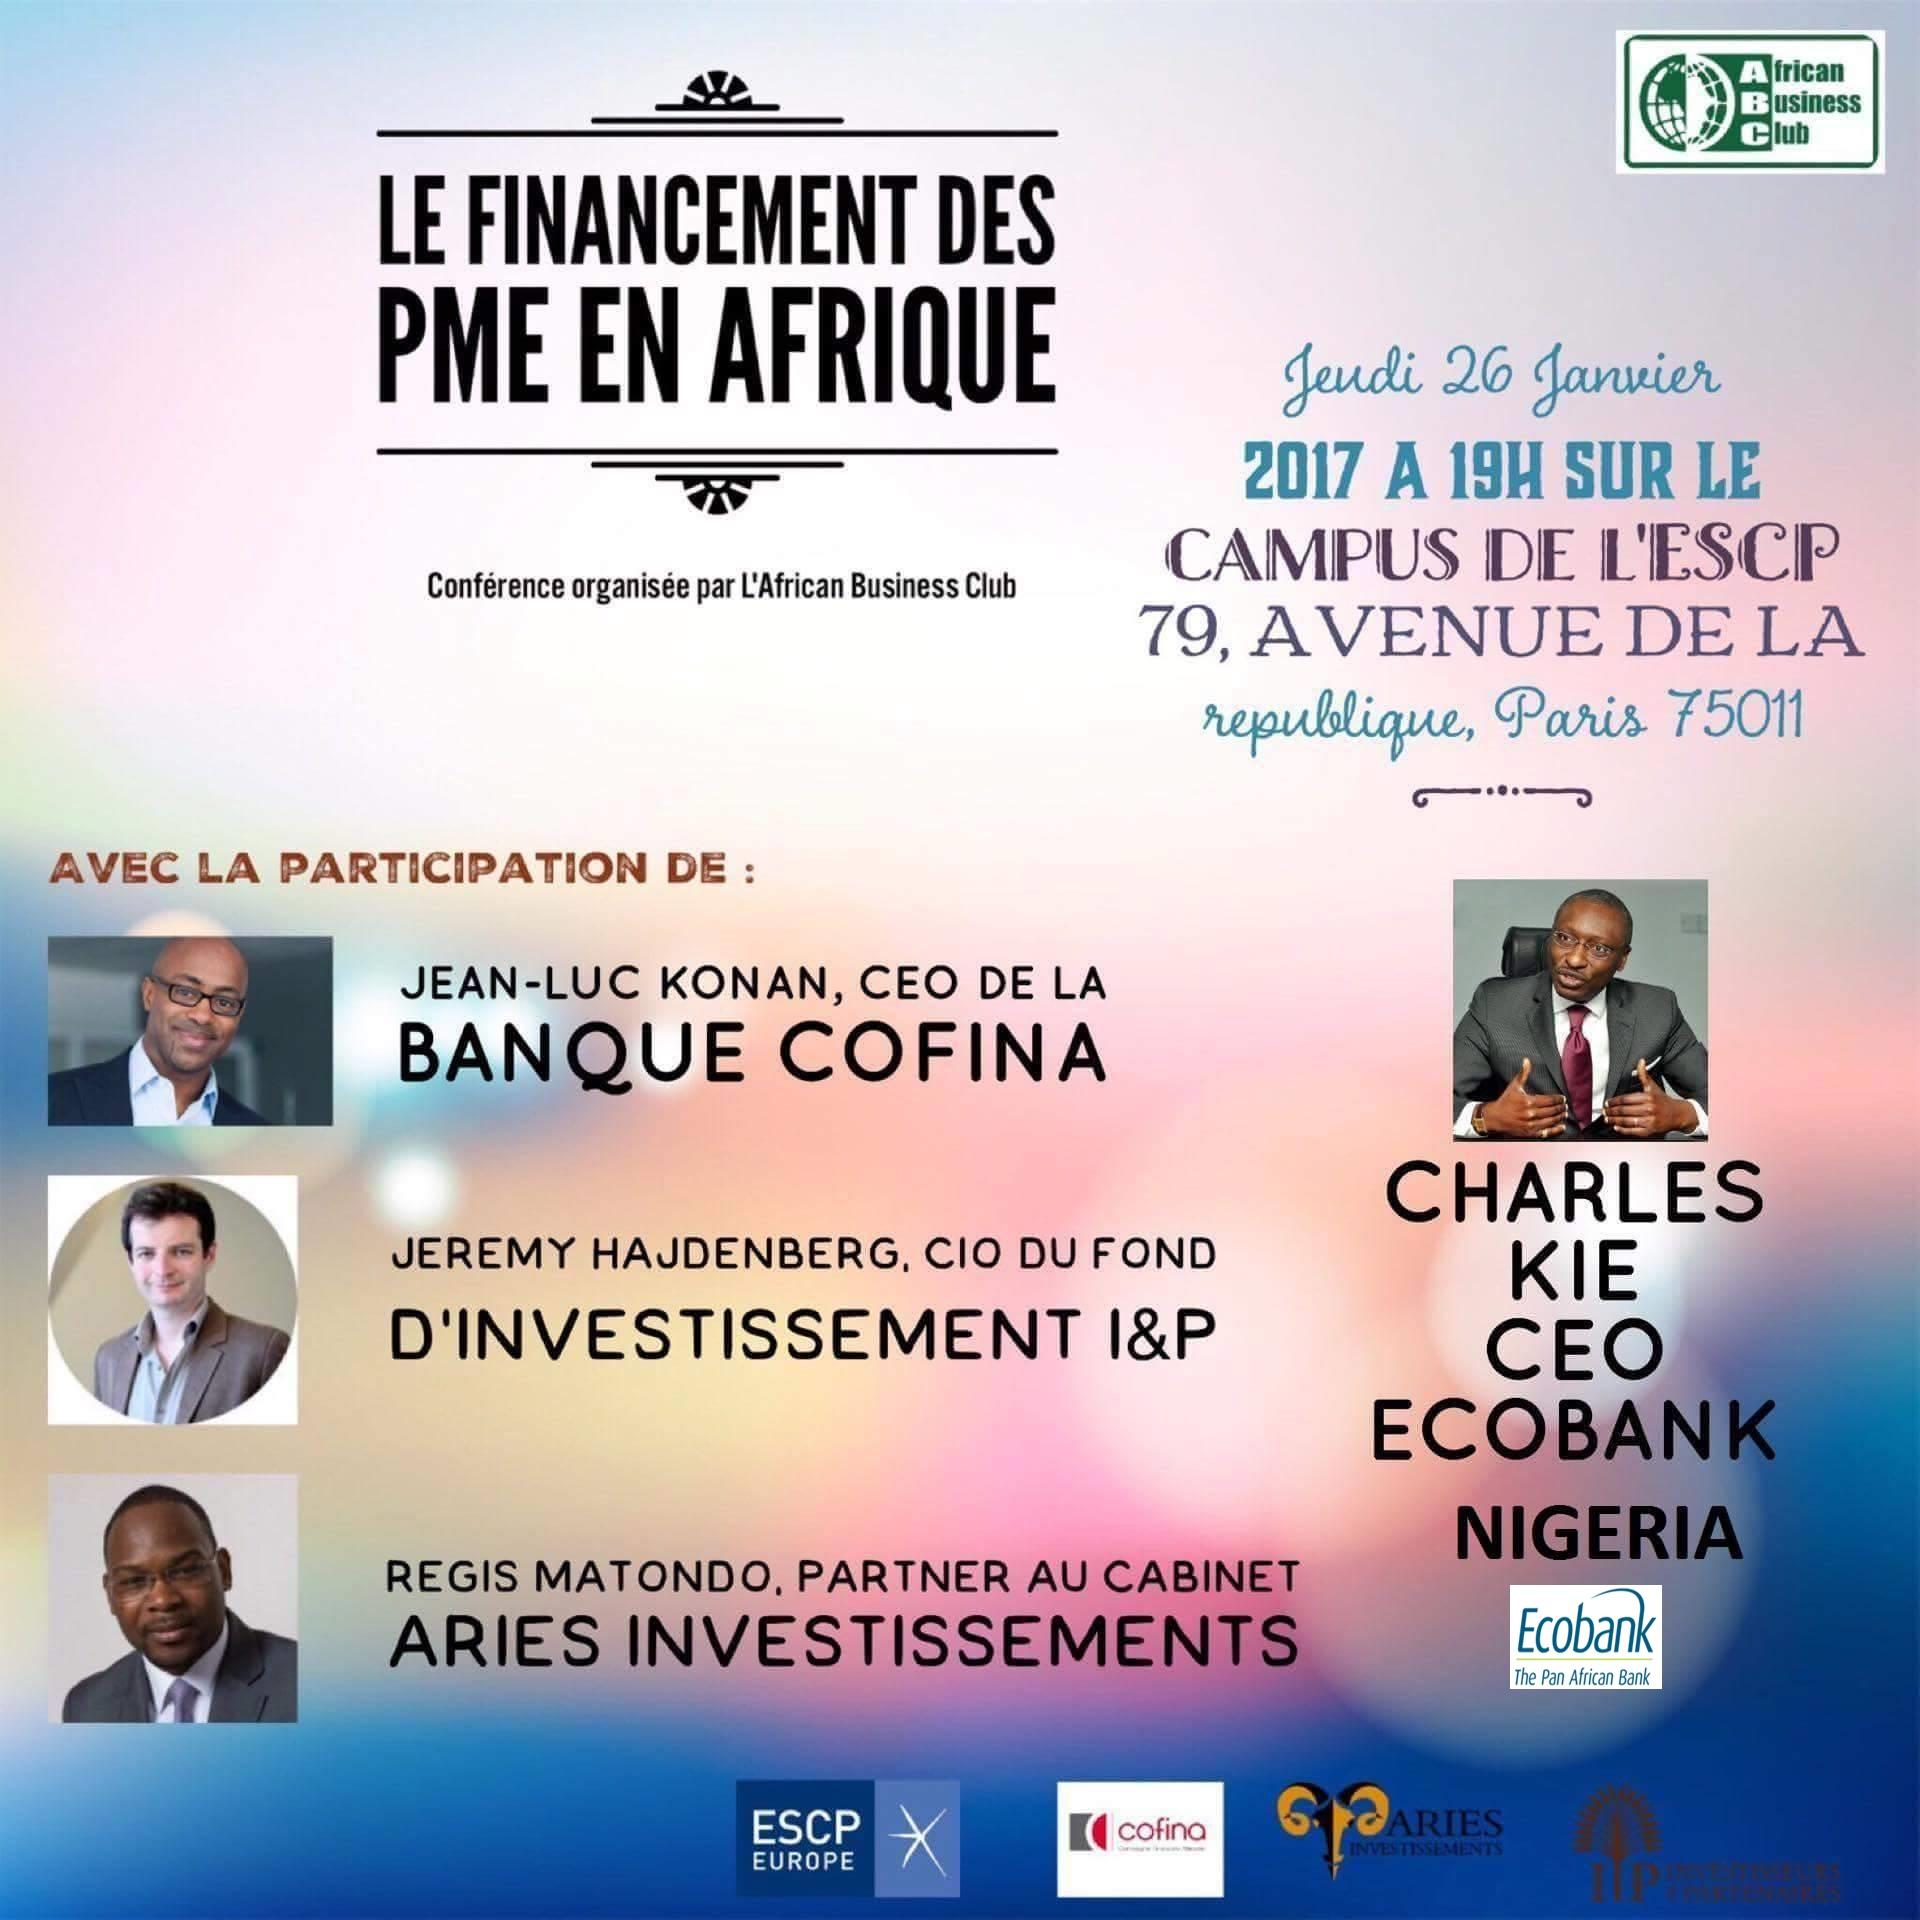 conference-abc-le-financement-des-pme-en-afrique